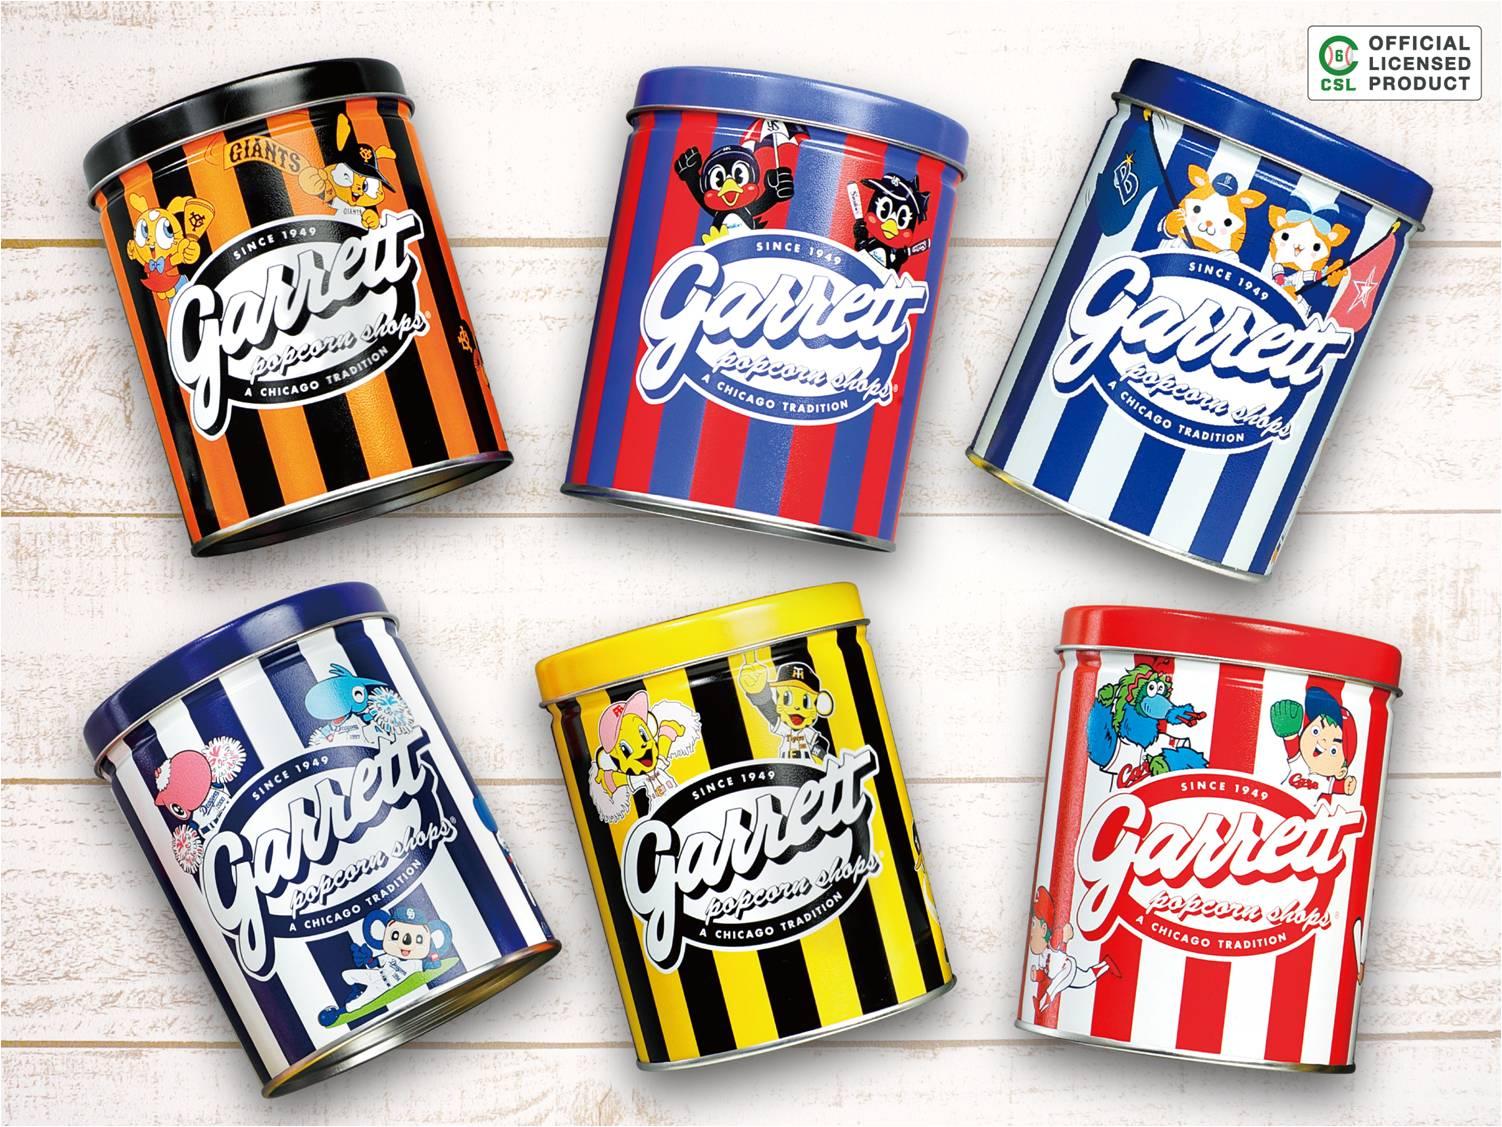 【2018】3日間限定!ギャレットからセ・リーグコラボレーション缶発売 - 75c140d3601436d9bf49d9f8aa3af58a